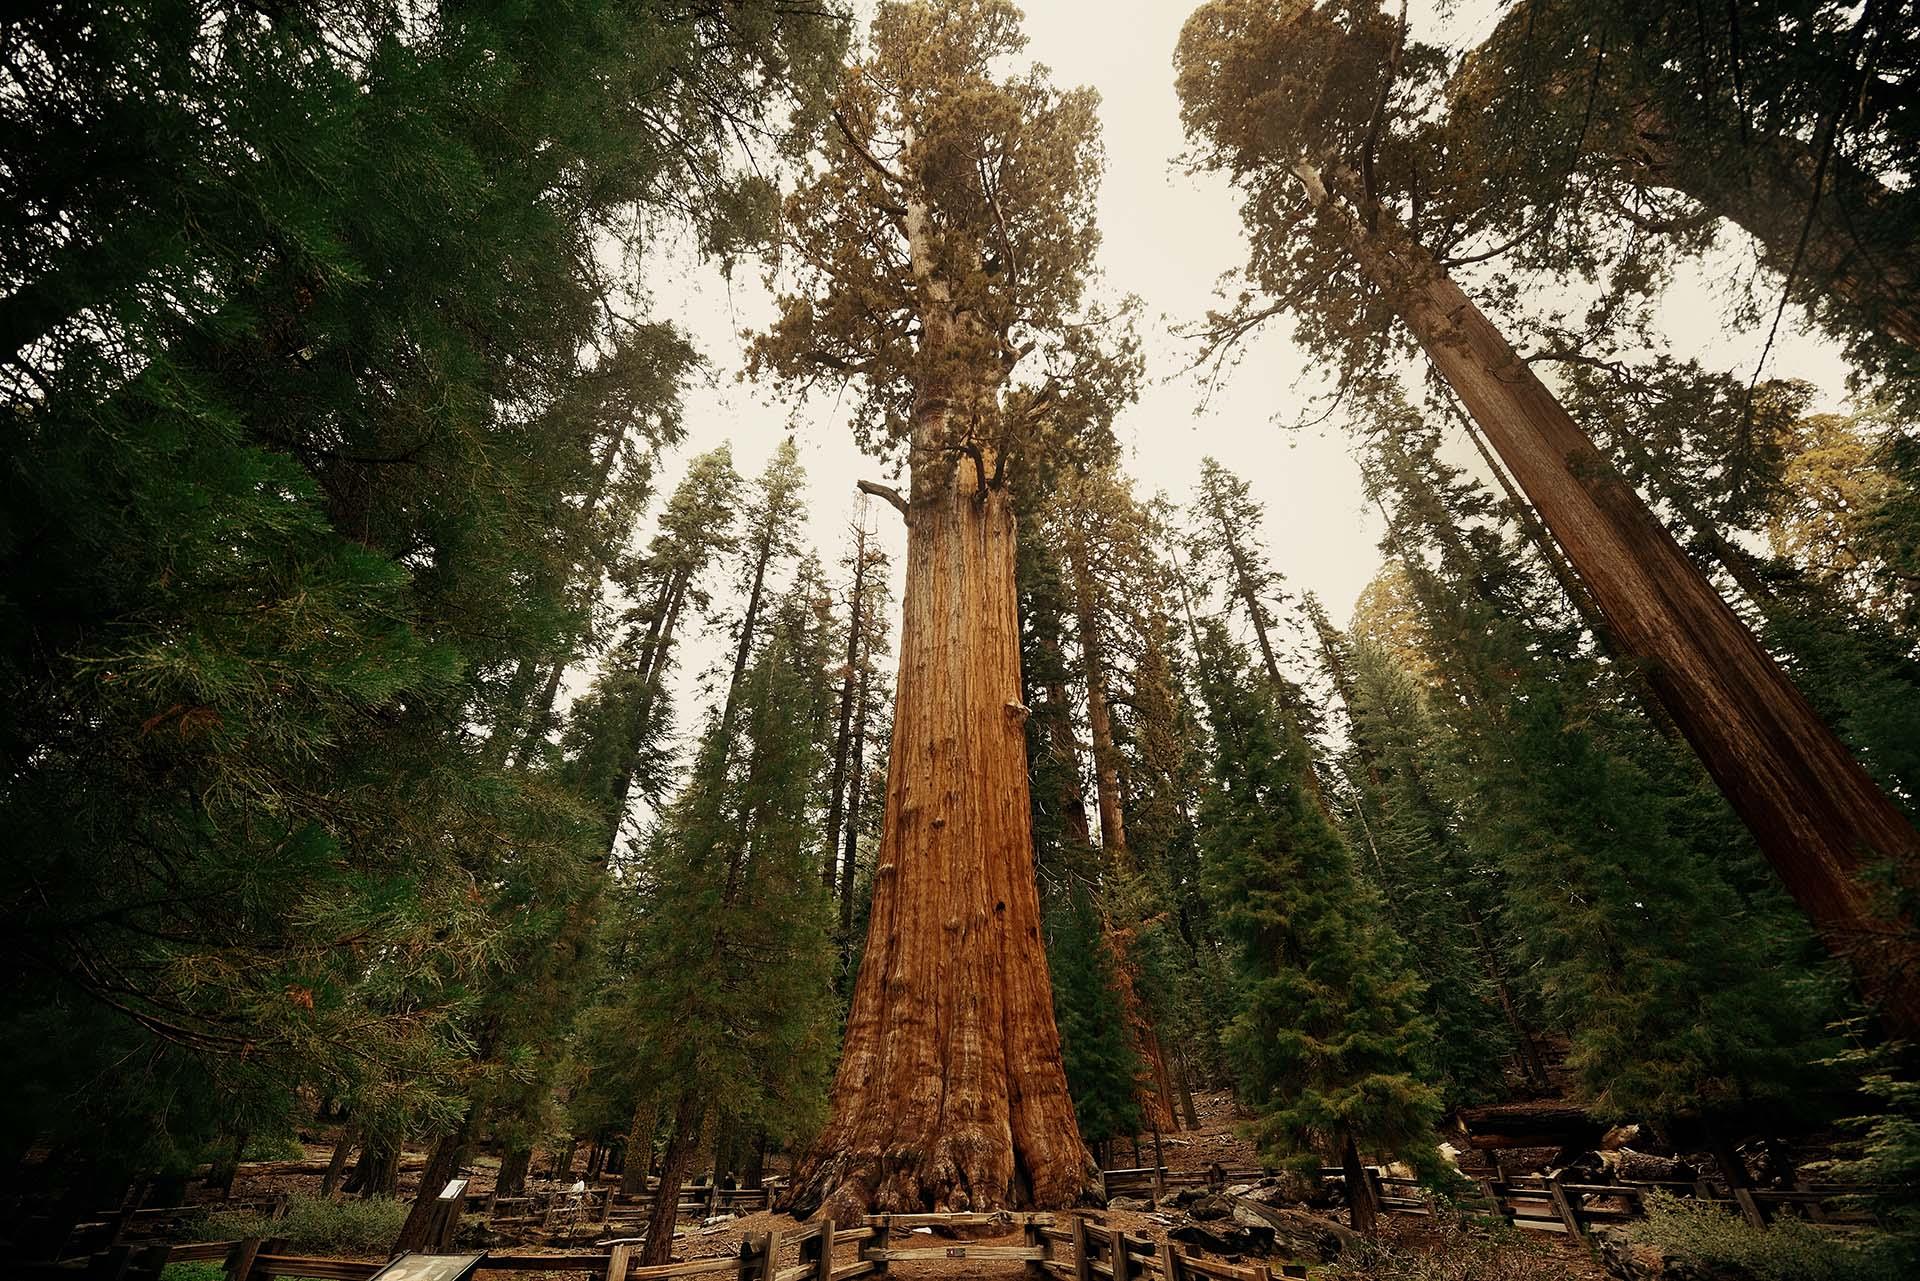 El General Sherman Tree, que se encuentra en el Parque Nacional Sequoia, tiene el récord del árbol más grande del mundo. General Sherman es un ejemplar concreto de Sequoiadendron giganteum (Secuoya Gigante), emparentado con el género Sequoia. Se encuentra en Giant Forest, dentro del Sequoia National Park, California Estados Unidos (Parque Nacional de las Secuoyas) junto con otros ejemplares de similar porte. Está considerado como el ser vivo con mayor cantidad de biomasa de la Tierra